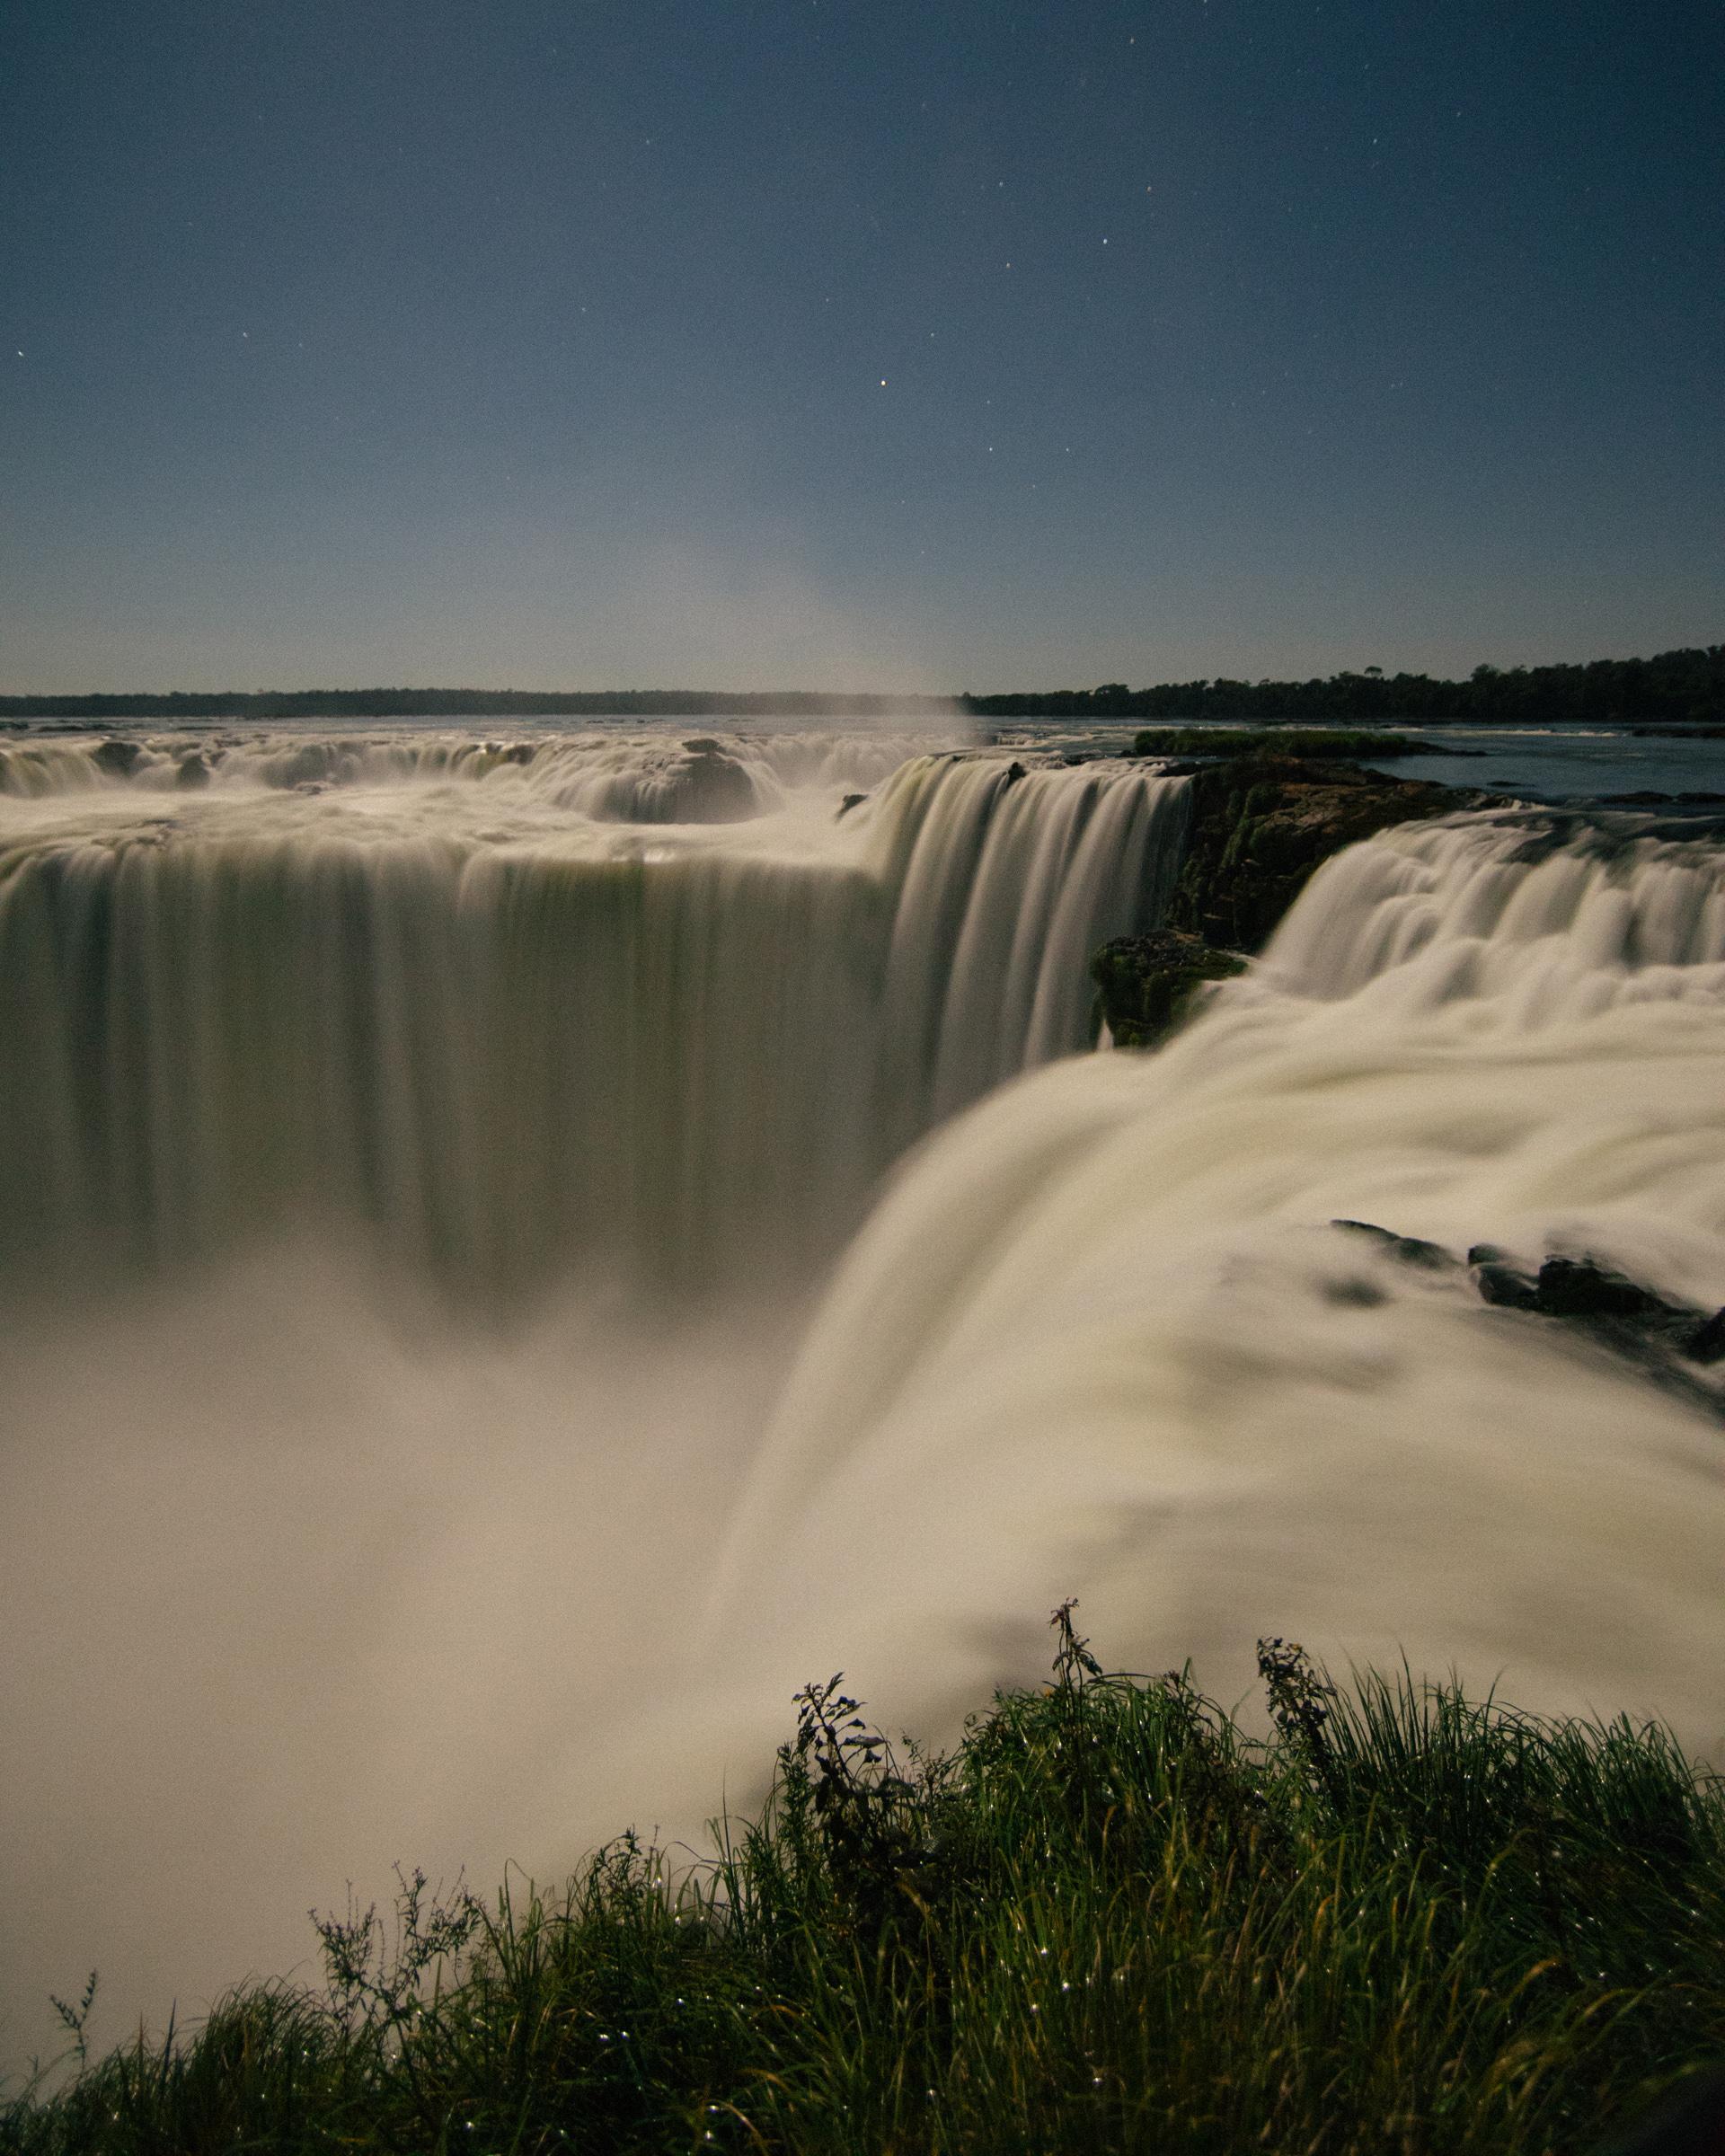 las Cataratas del Iguazú son una de las nuevas maravillas naturales del mundo (Morgan Phillips)